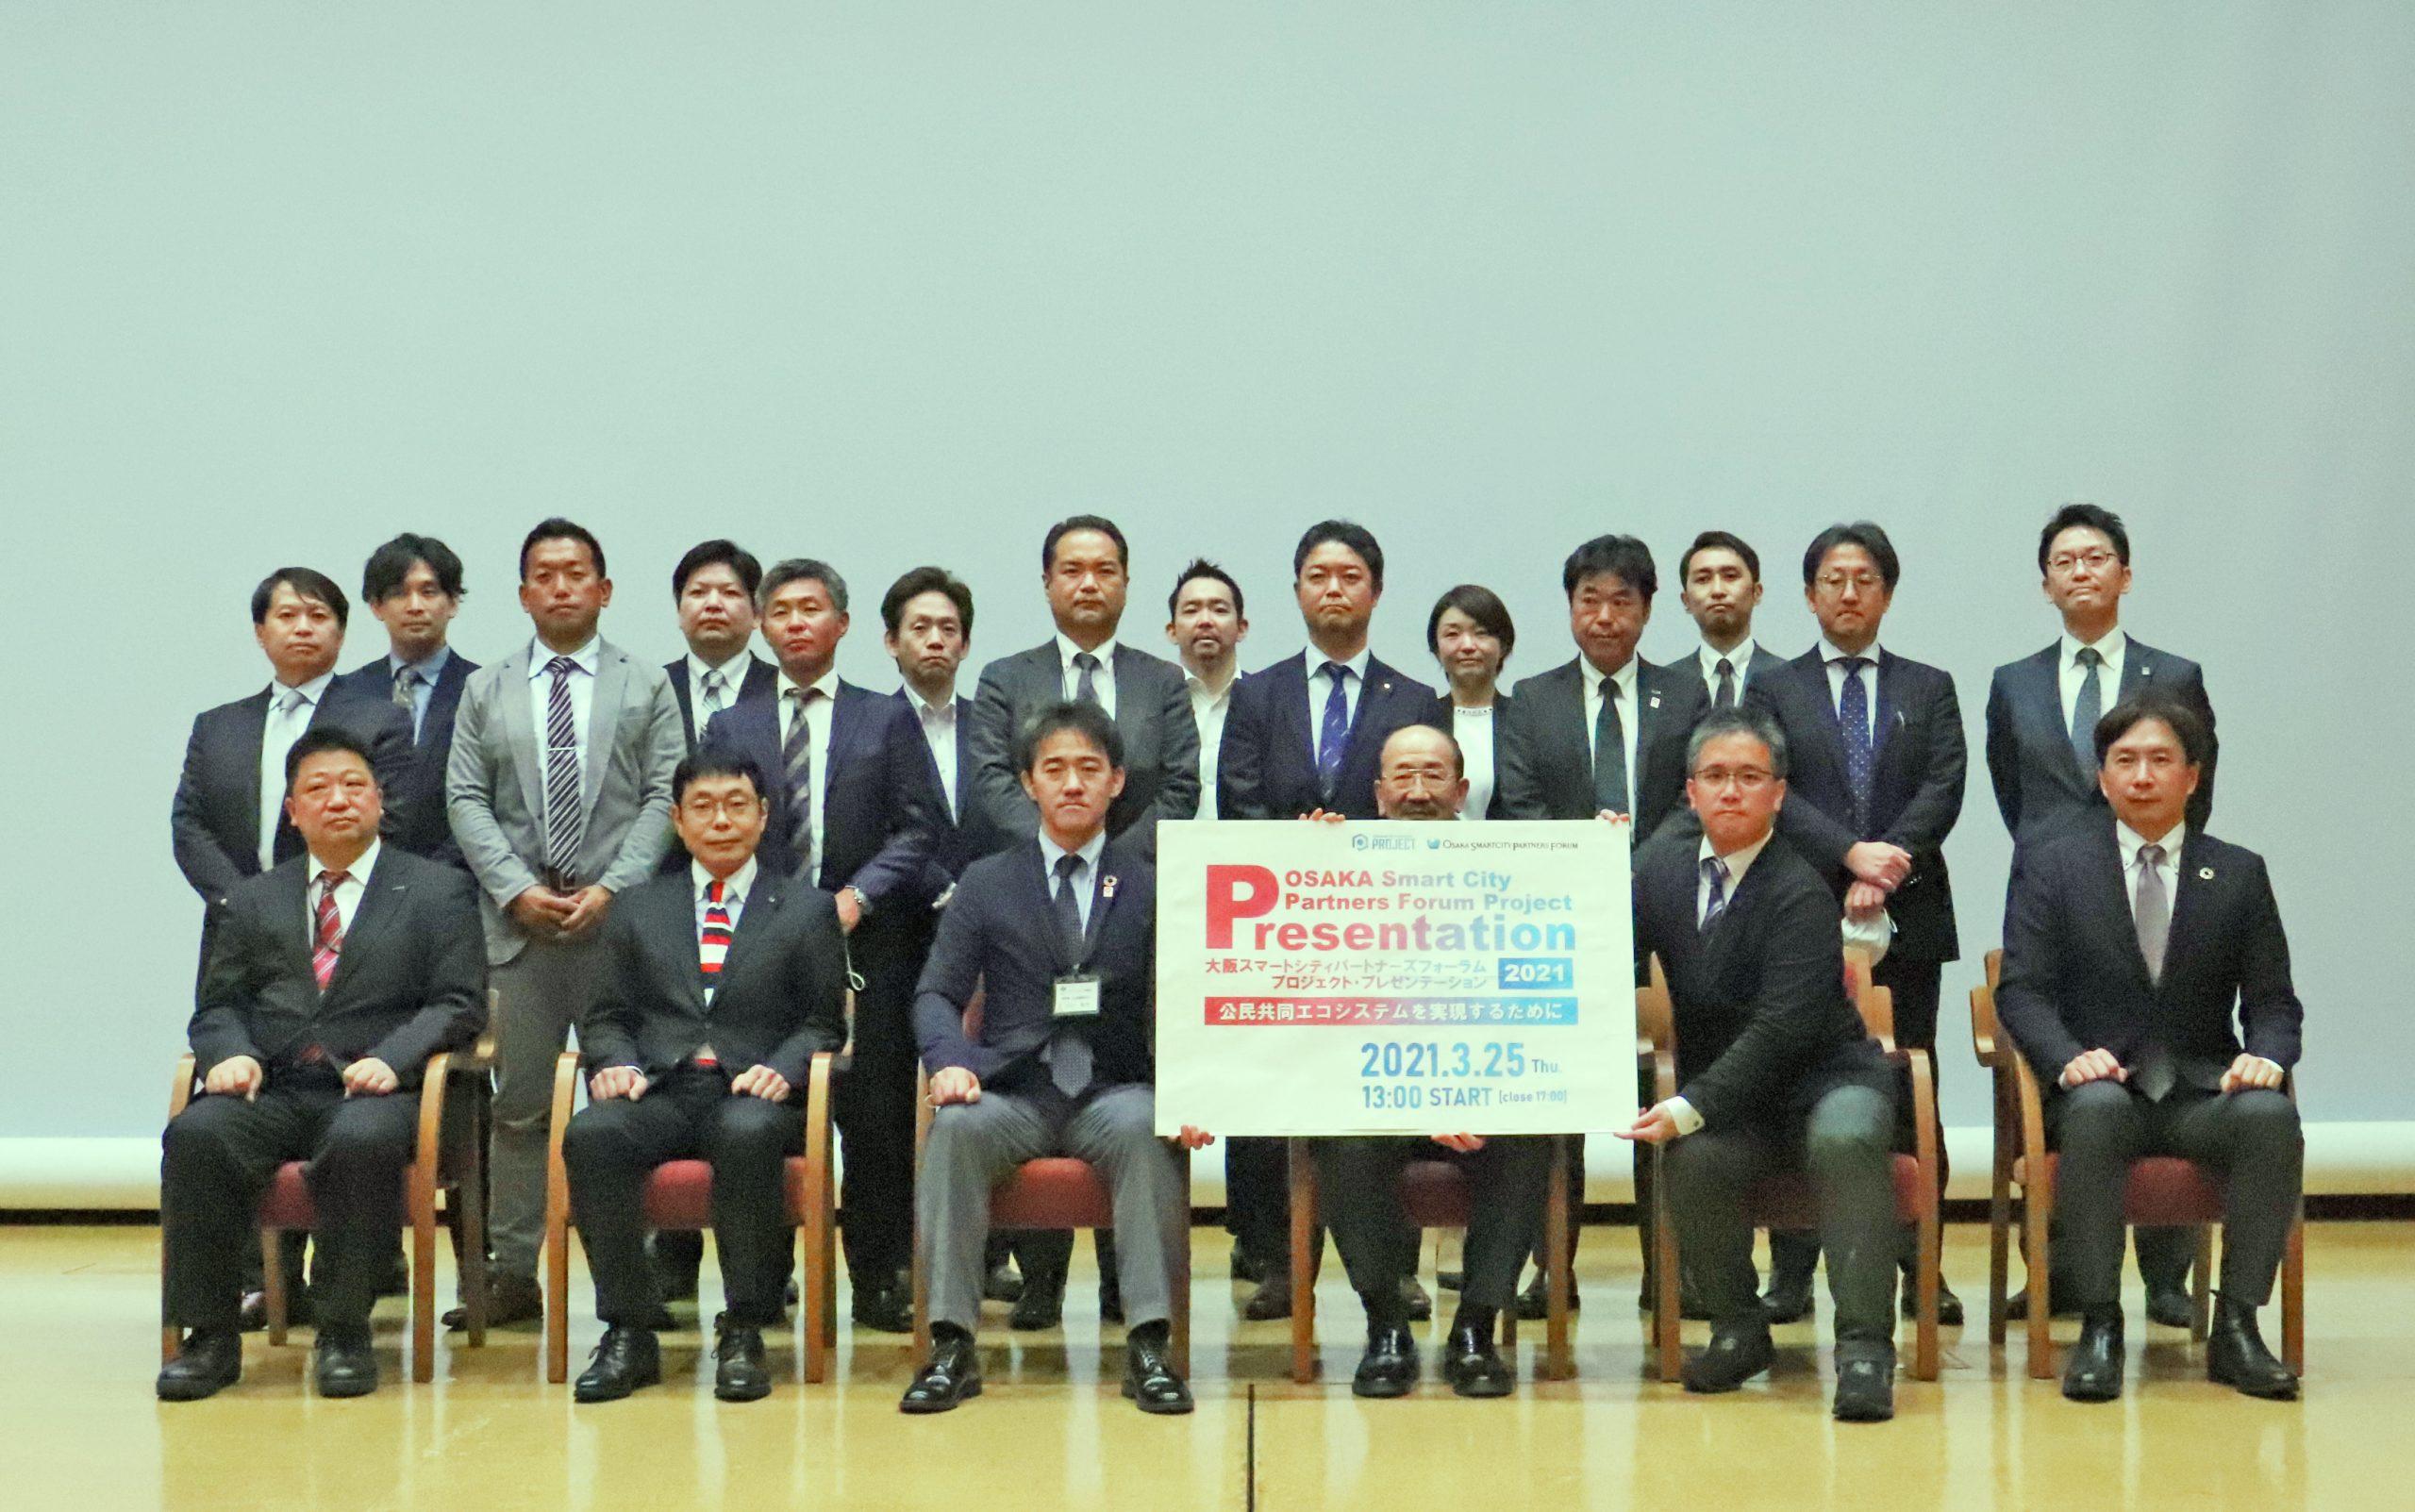 「大阪スマートシティパートナーズフォーラム・プロジェクト発表会」を開催しました。